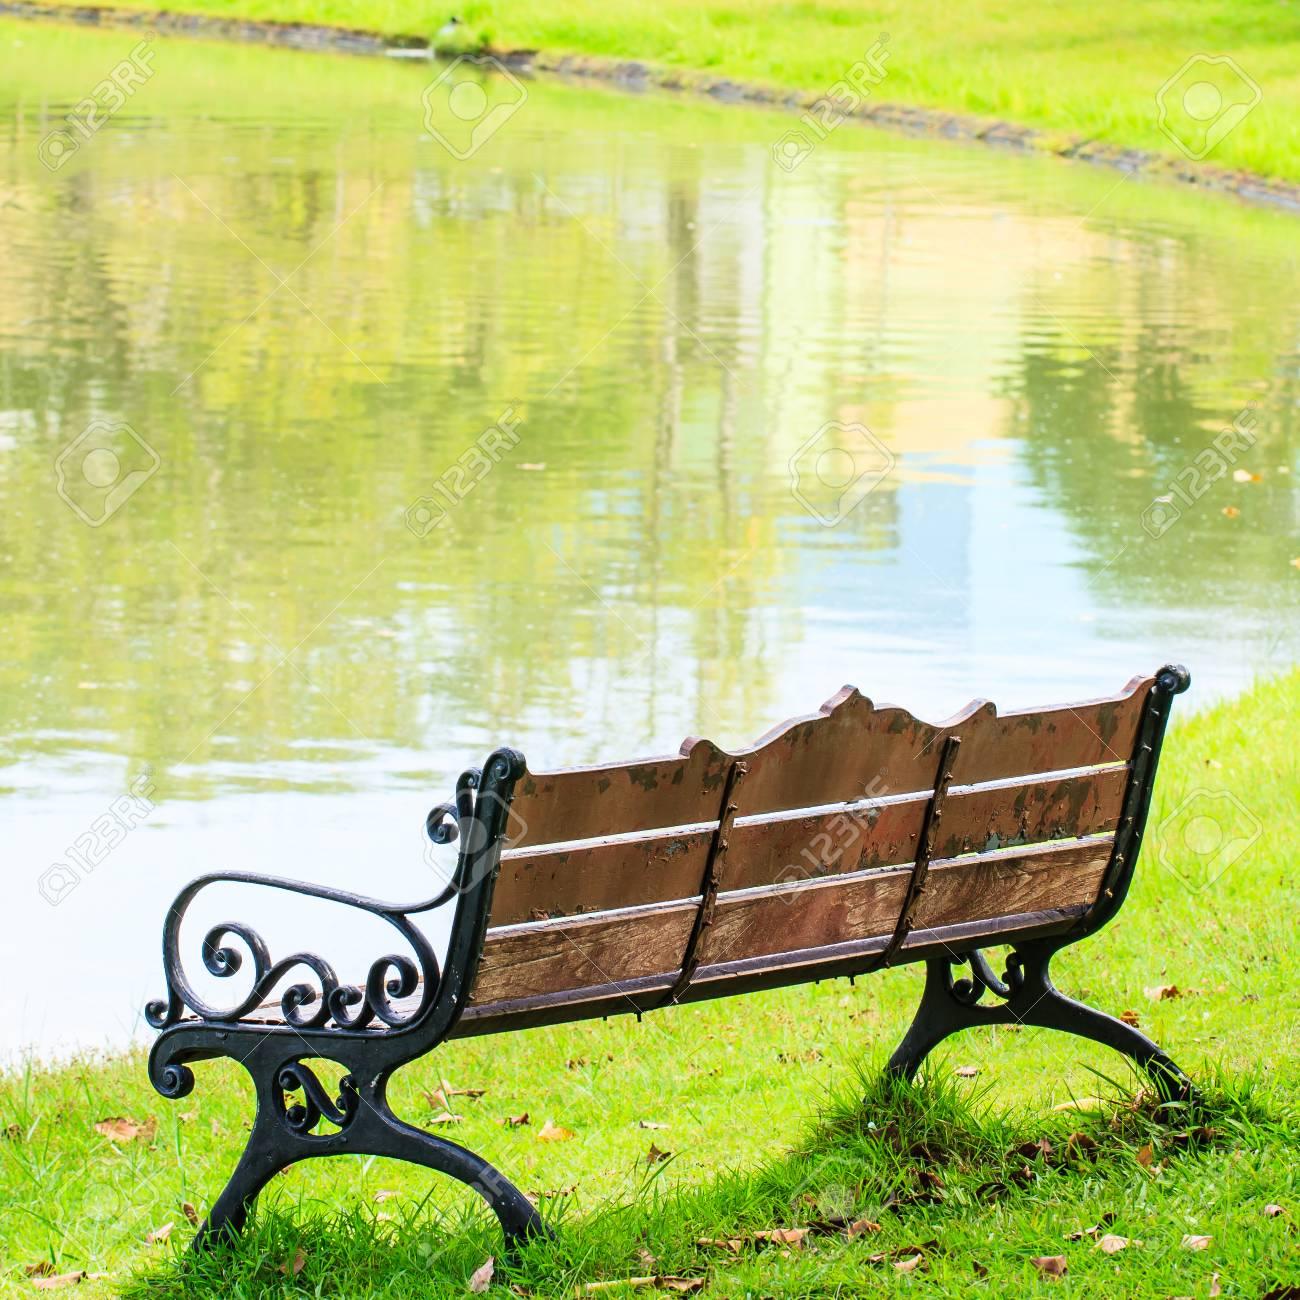 Holzbänke Mit Gussrahmen Im Park, Bangkok Lizenzfreie Fotos, Bilder ...